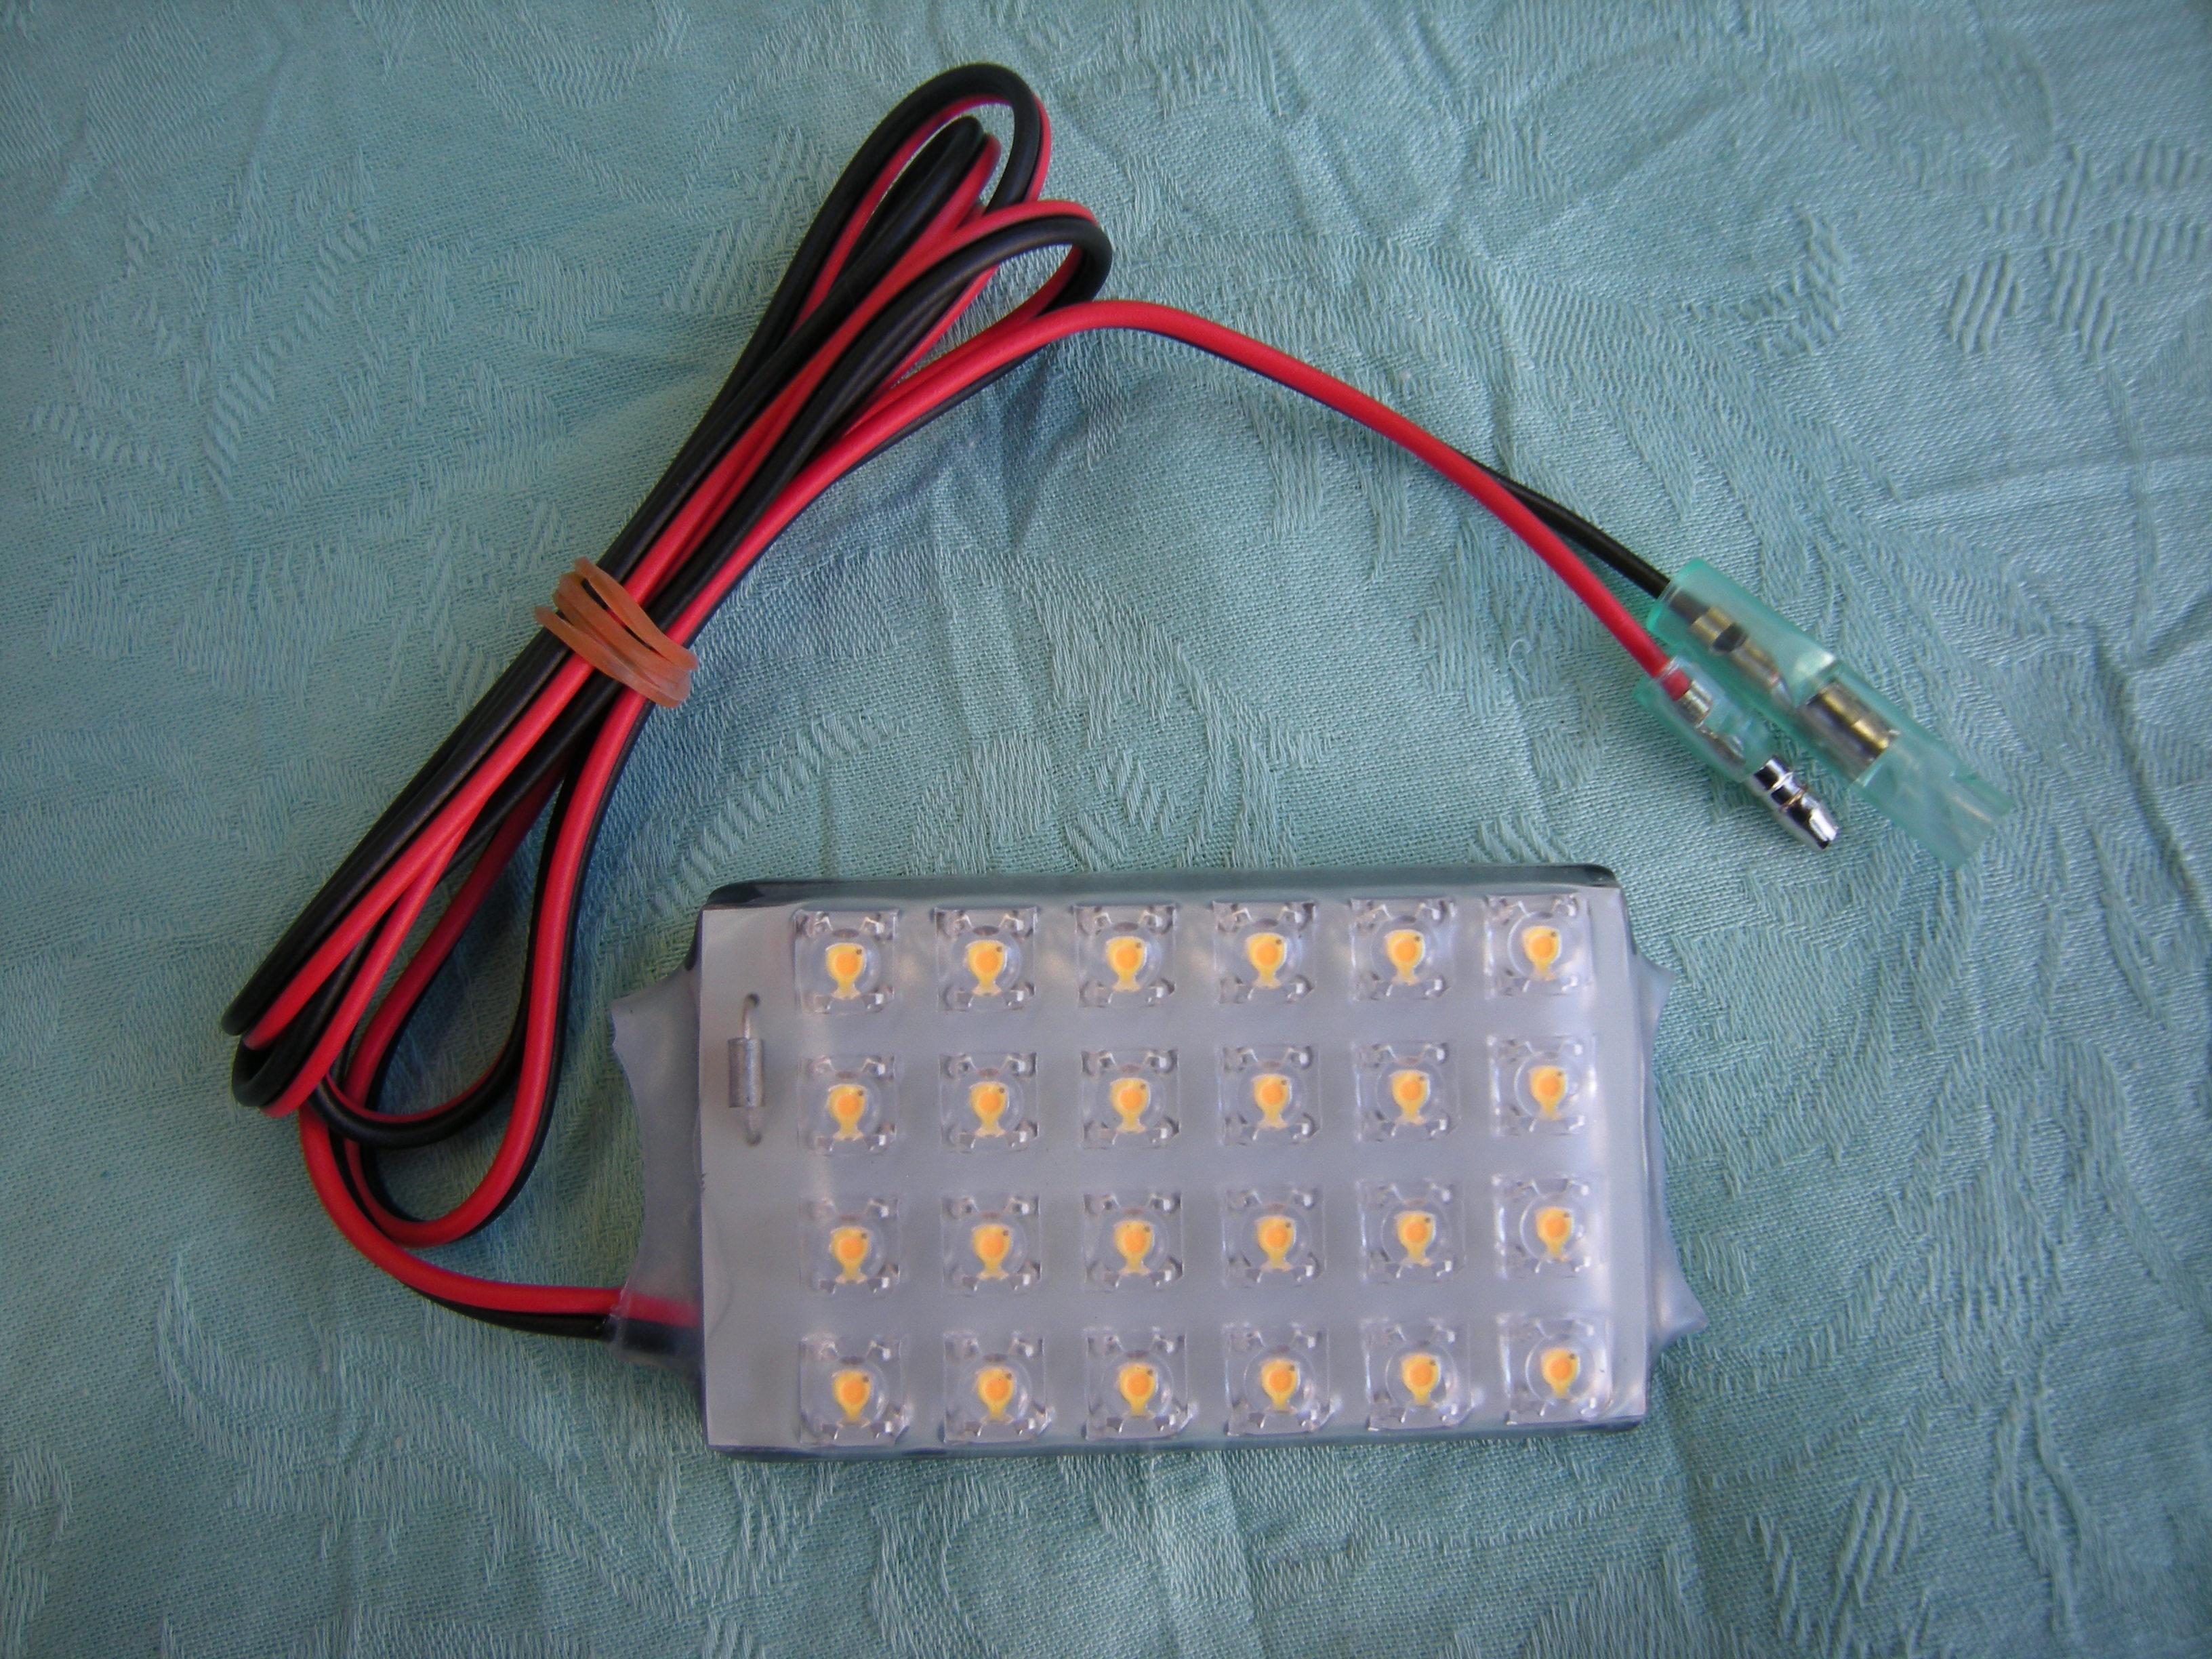 『エコタマ君E』 12V 超高輝度LED照明